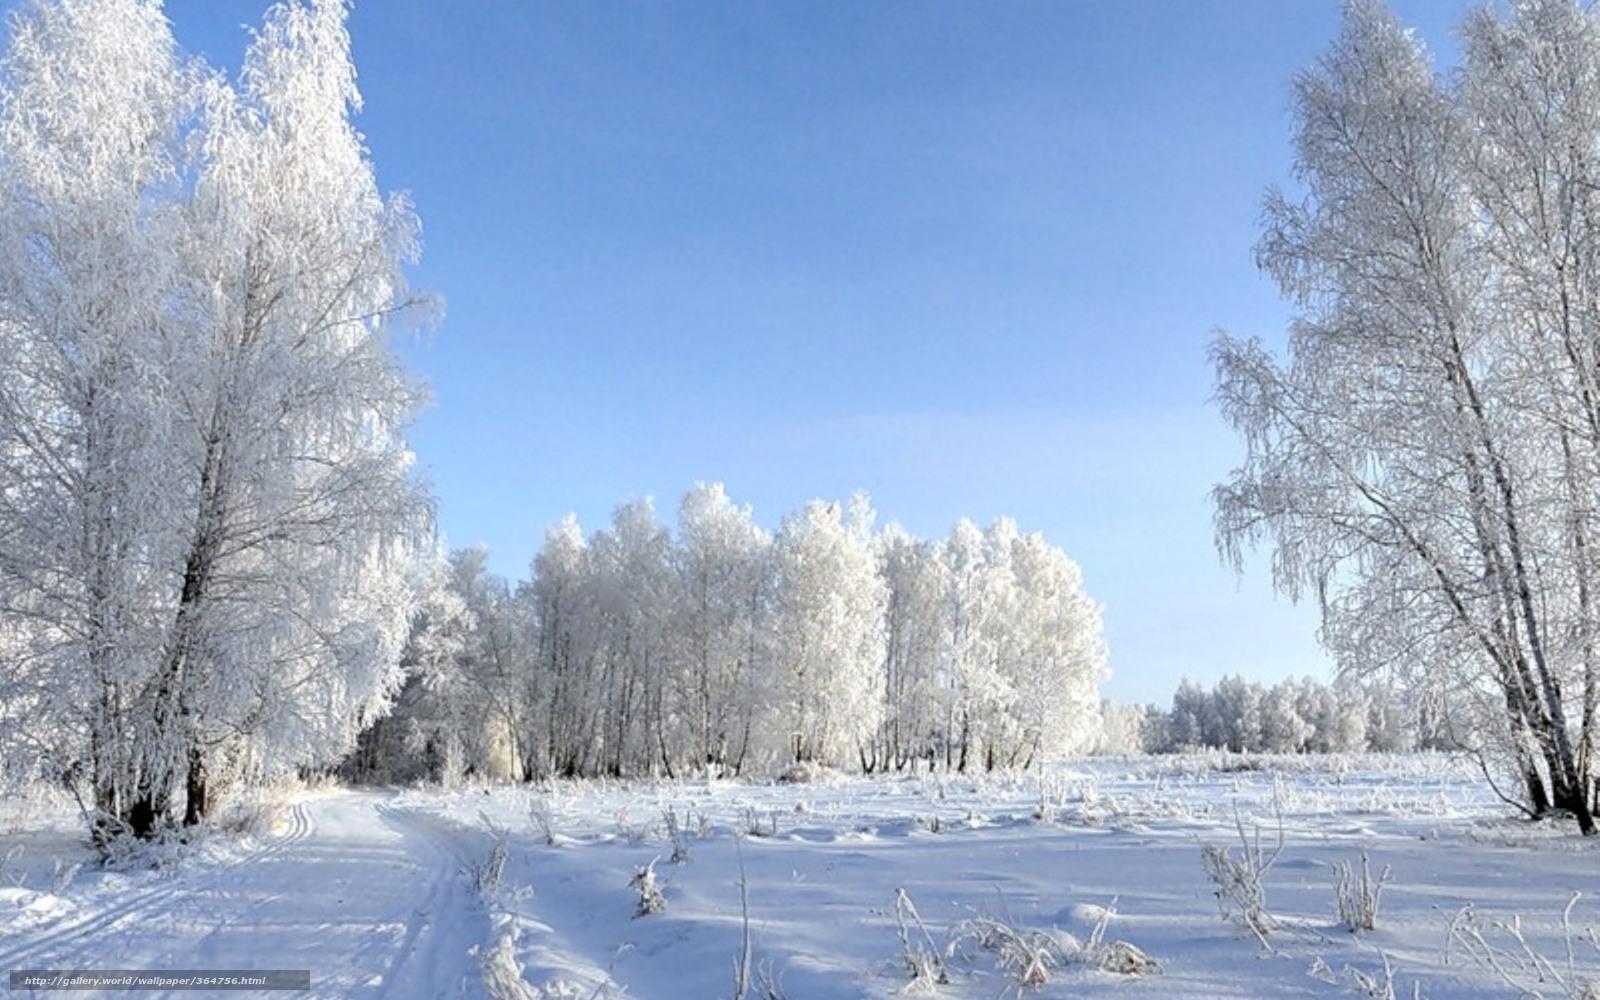 Scaricare gli sfondi natura neve inverno freddo sfondi for Immagini inverno sfondi